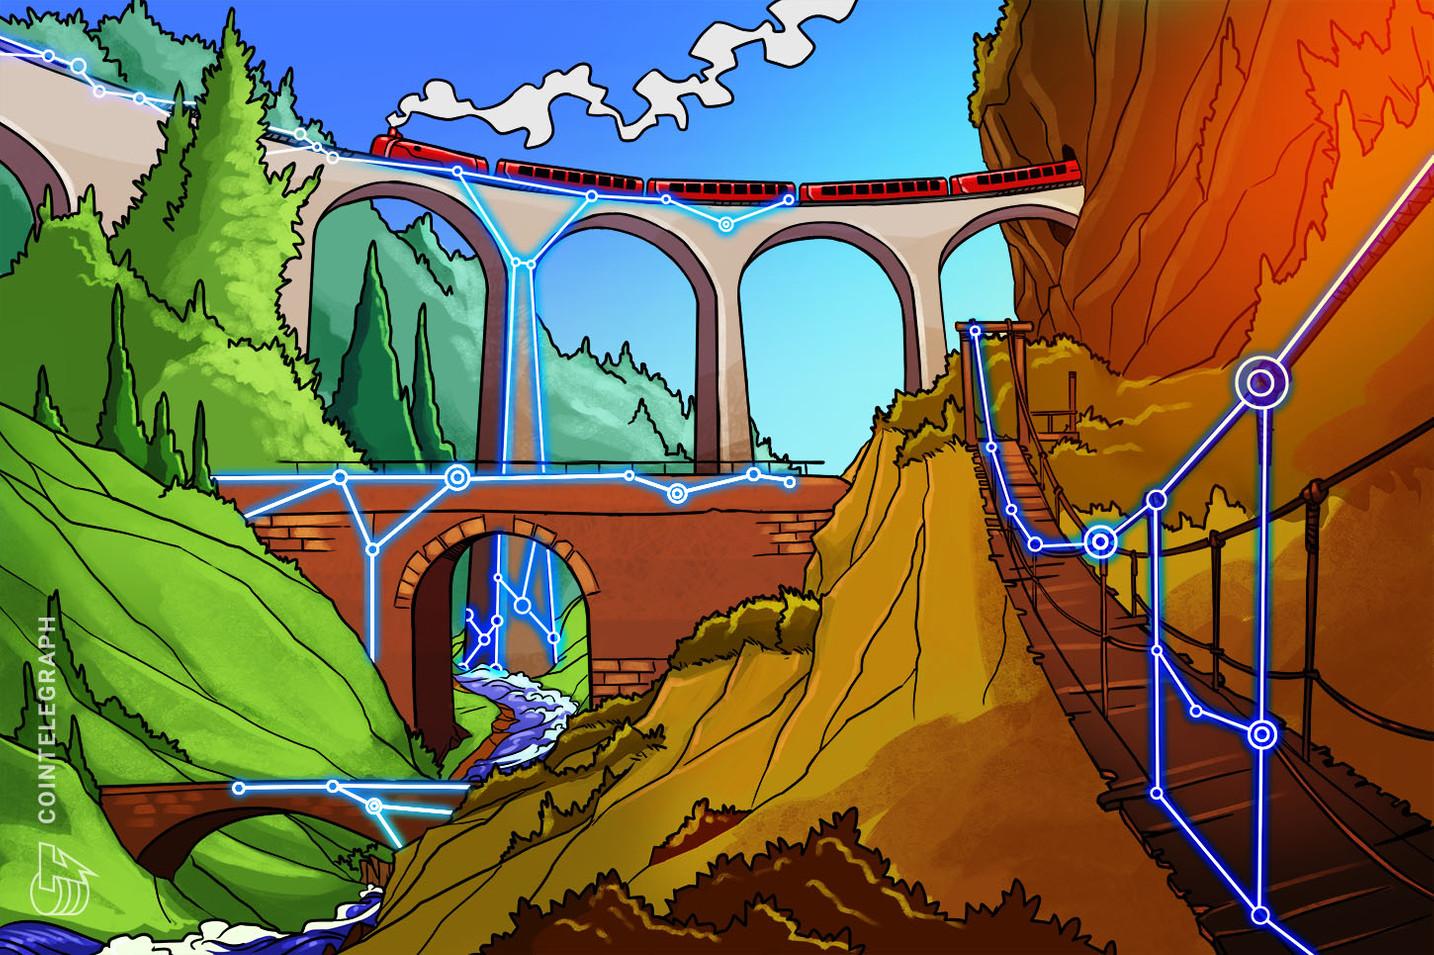 Avalanche lanza un puente actualizado, preparando a las DApps para su adopción generalizada